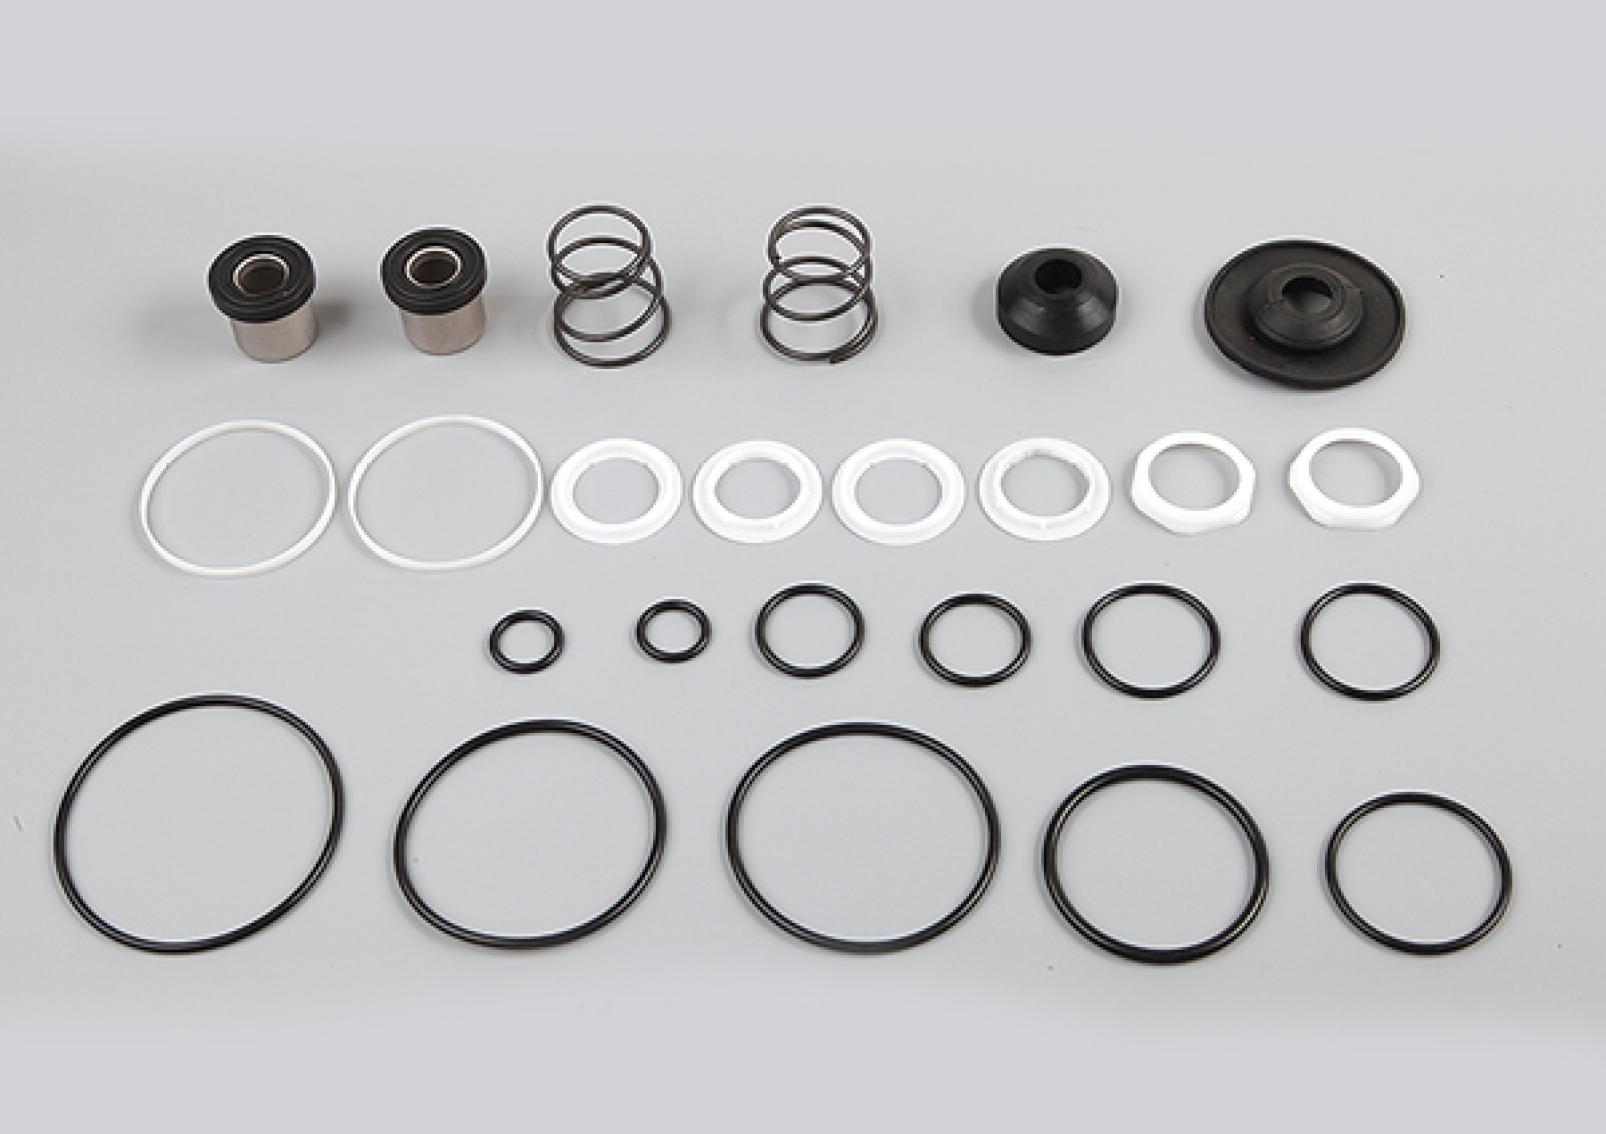 Foot Brake Valve Repair Kit, 461 315 008 2